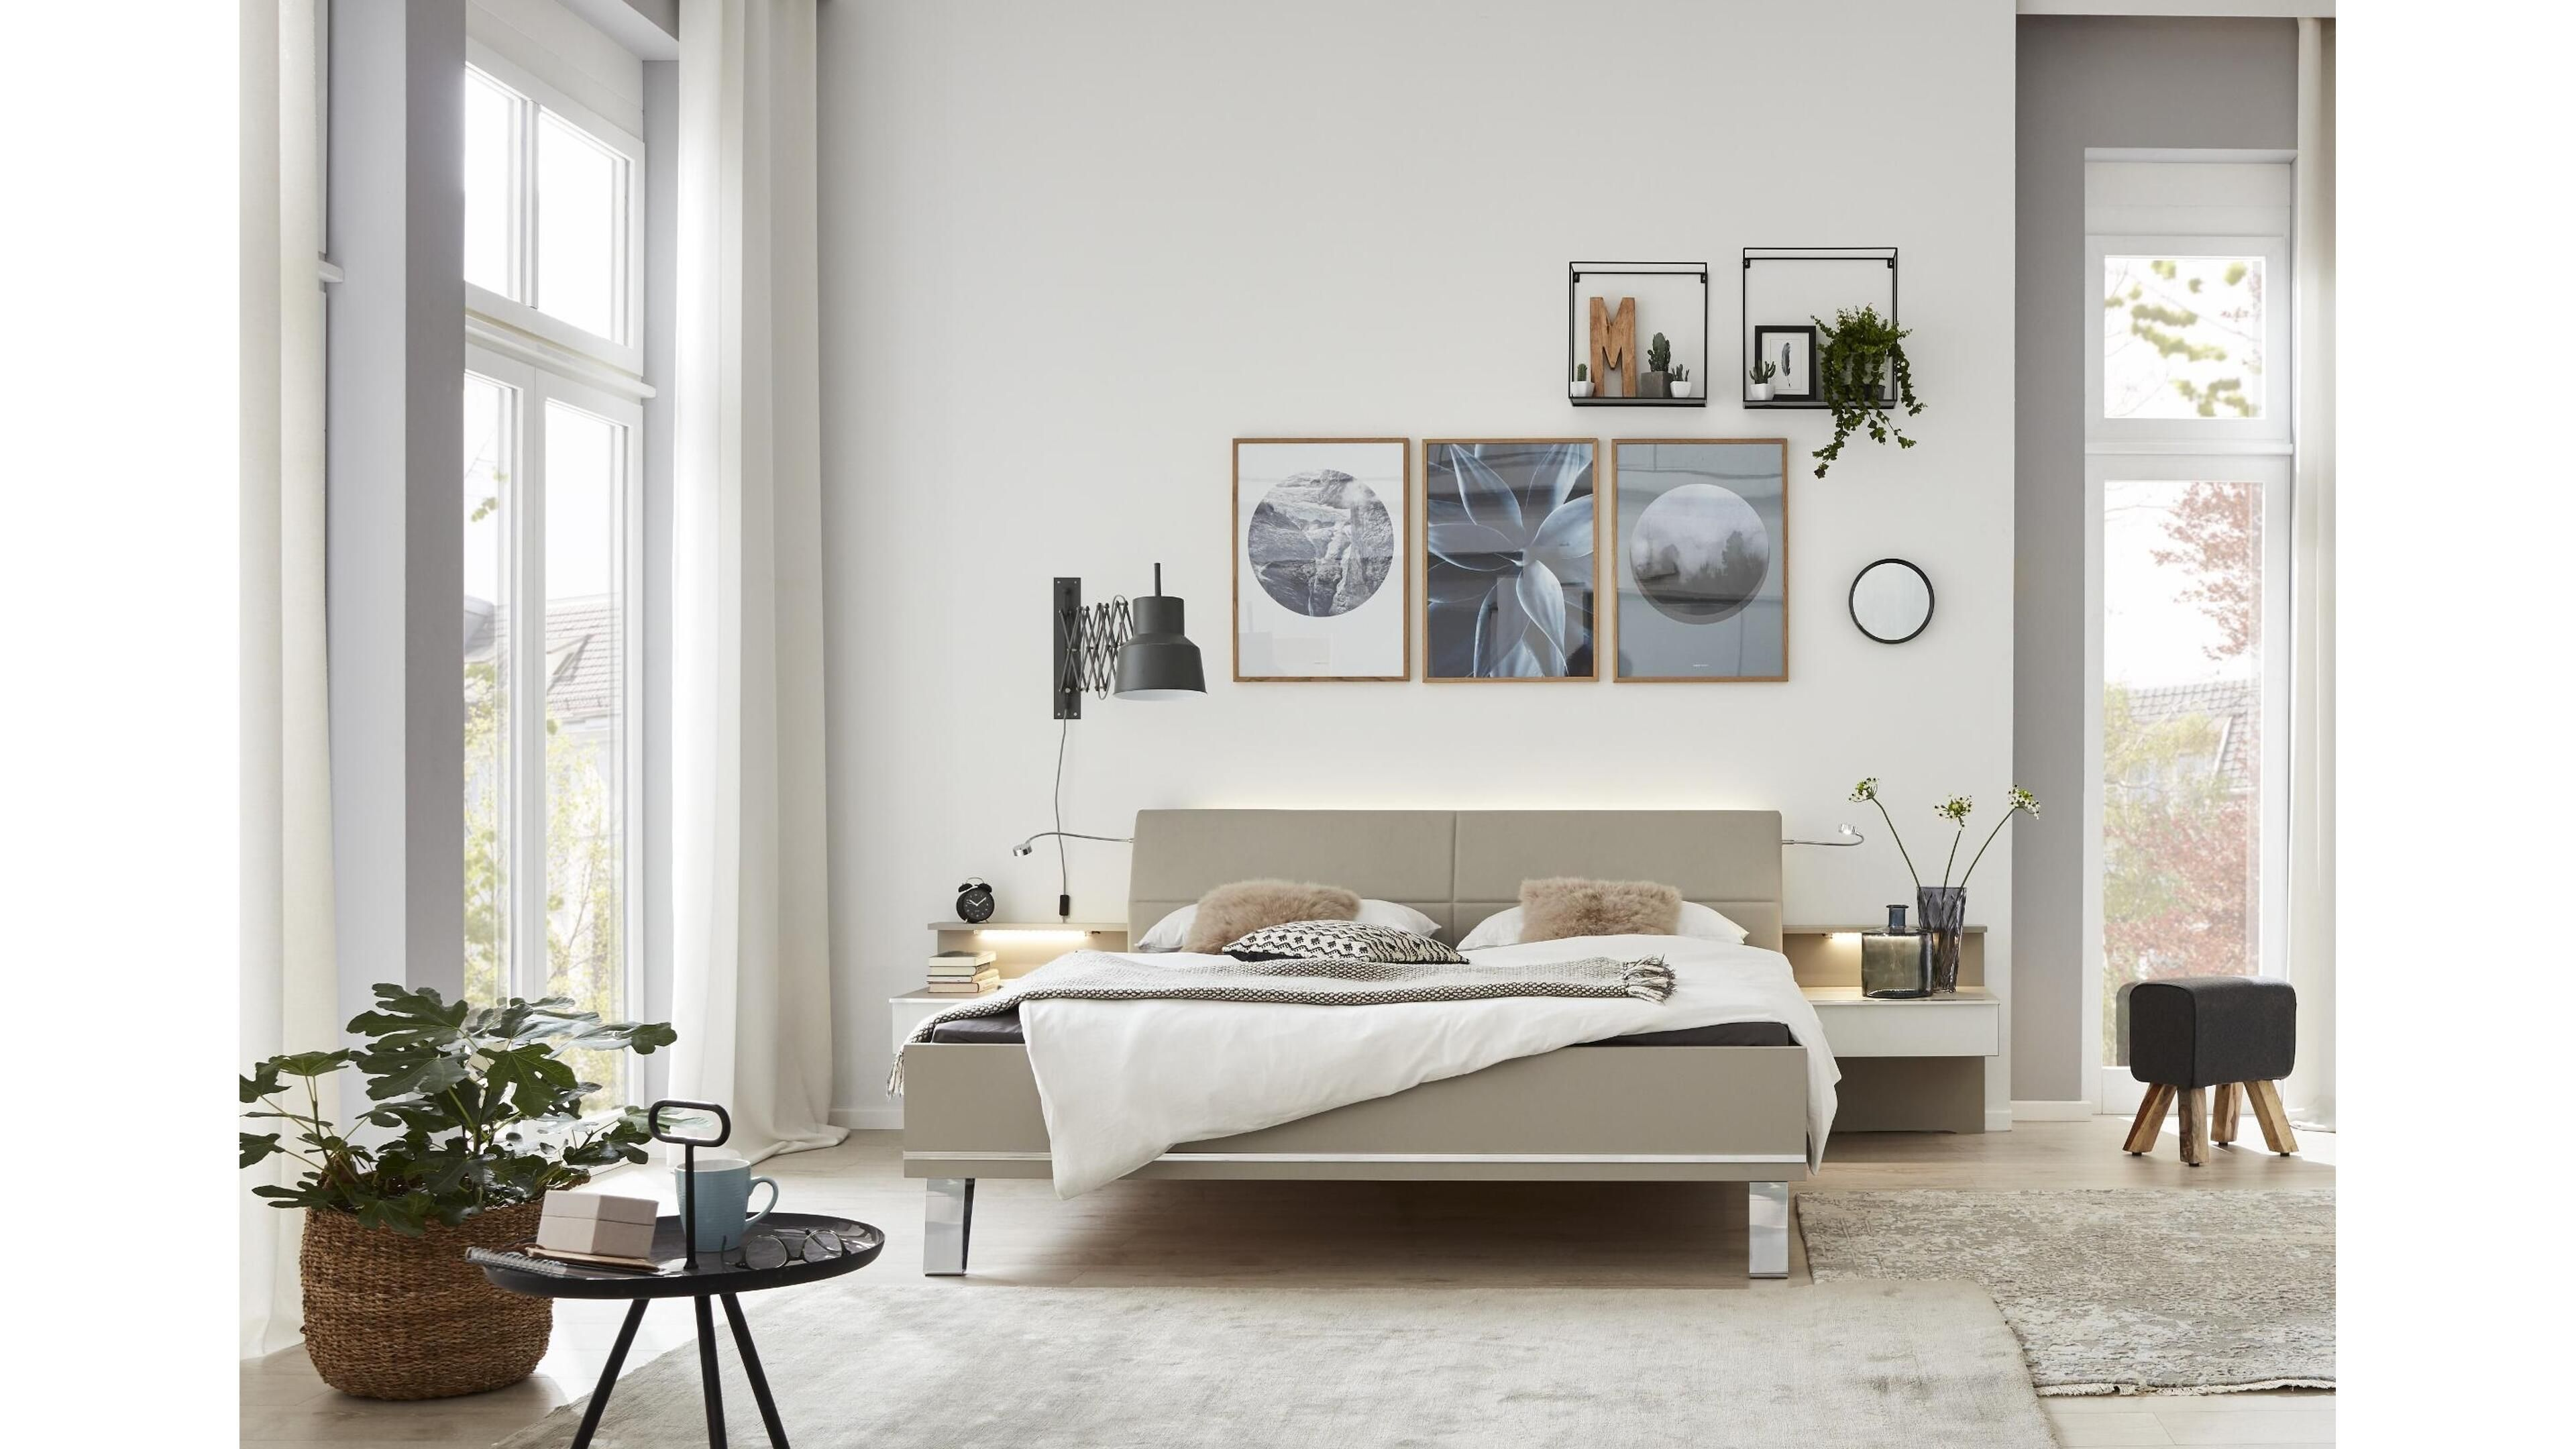 Ausserordentliche Eleganz Das Schlafzimmer Interliving 1009